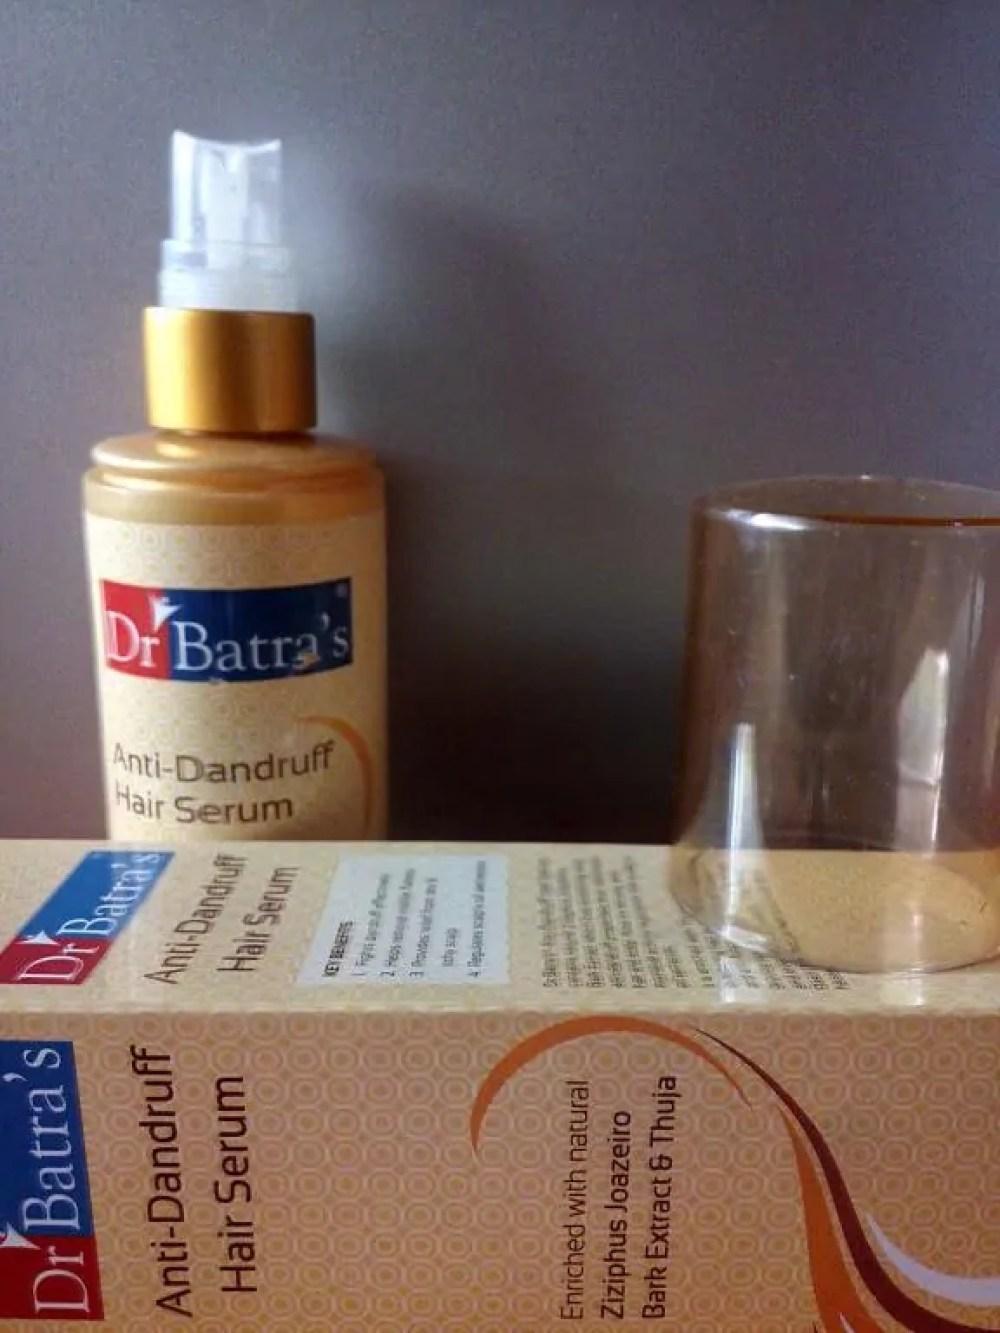 Dr. Batra's hair serum